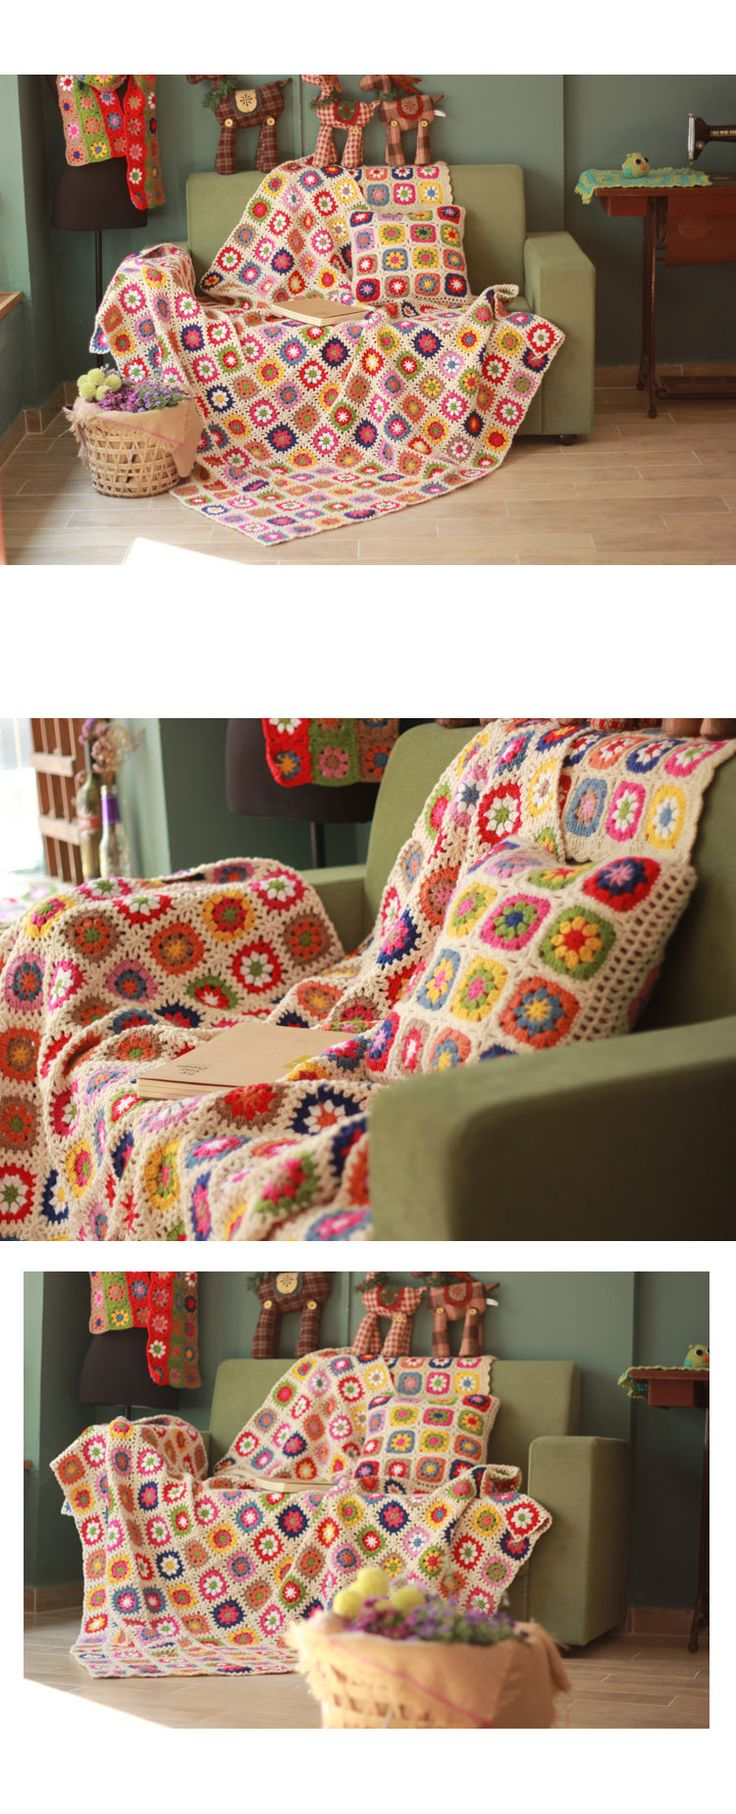 Aliexpress.com: Compre Cobertores artesanais de Crochê Floral Pastoral Decorativo tampa Do Sofá/Sofá Encosto Toalha De Presente De Casamento de confiança Presentes relógios fornecedores em Super Best